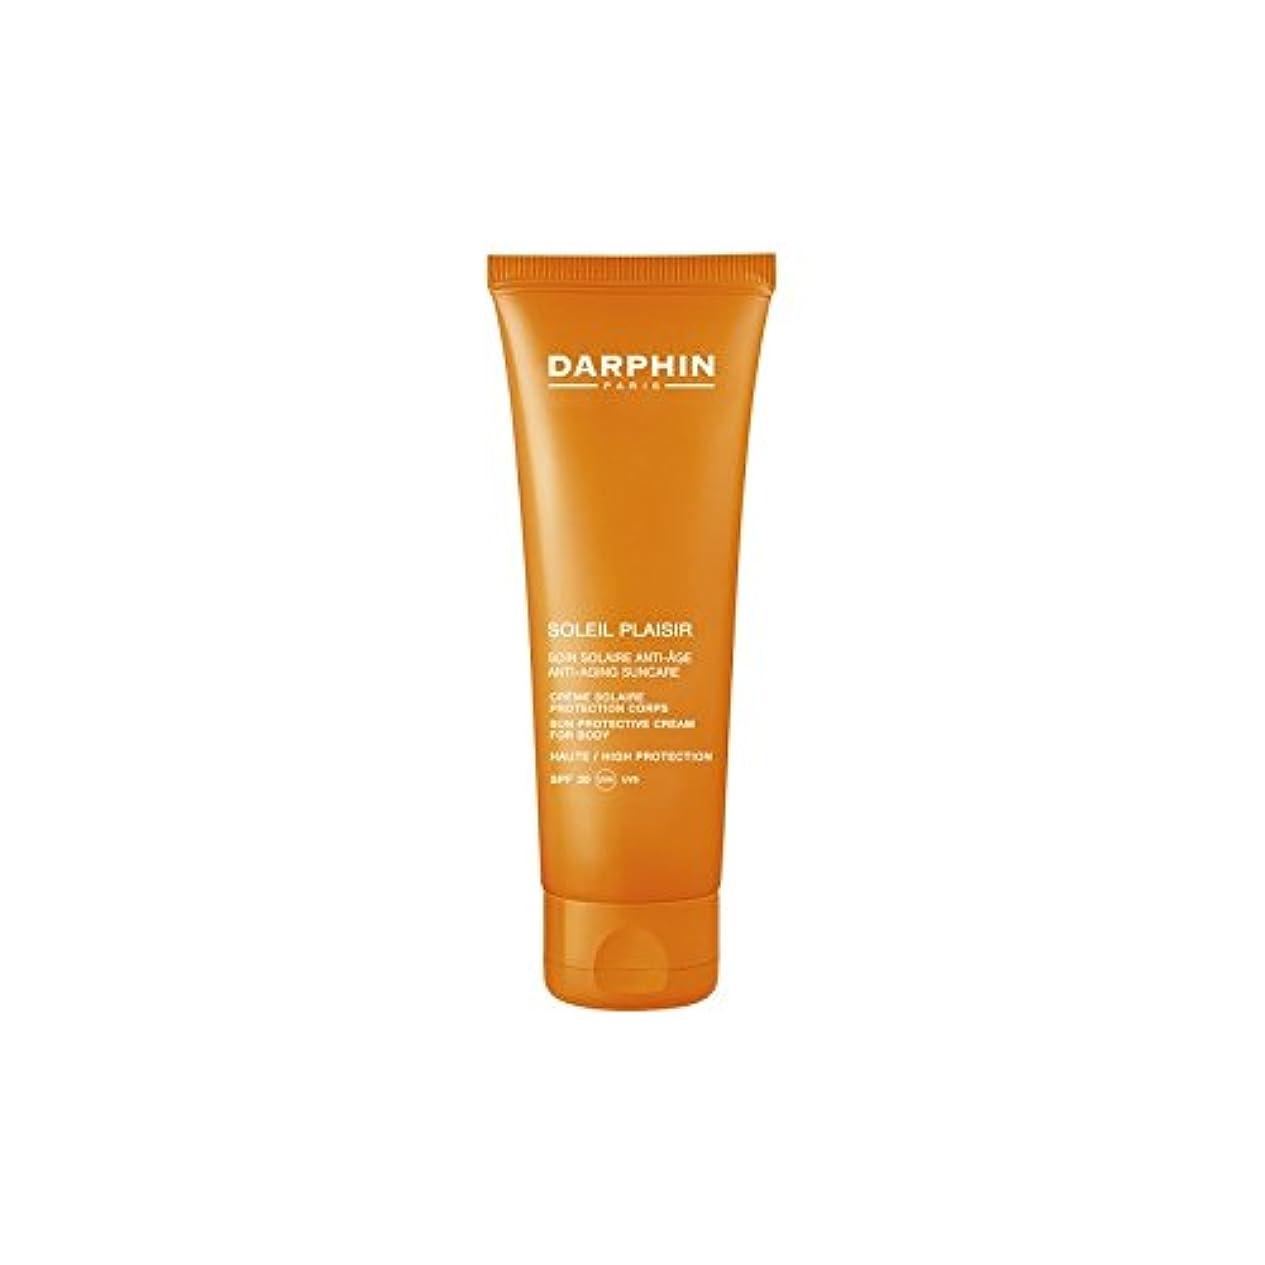 リゾート何十人も高層ビルダルファンソレイユプレジールボディクリーム x2 - Darphin Soleil Plaisir Body Cream (Pack of 2) [並行輸入品]